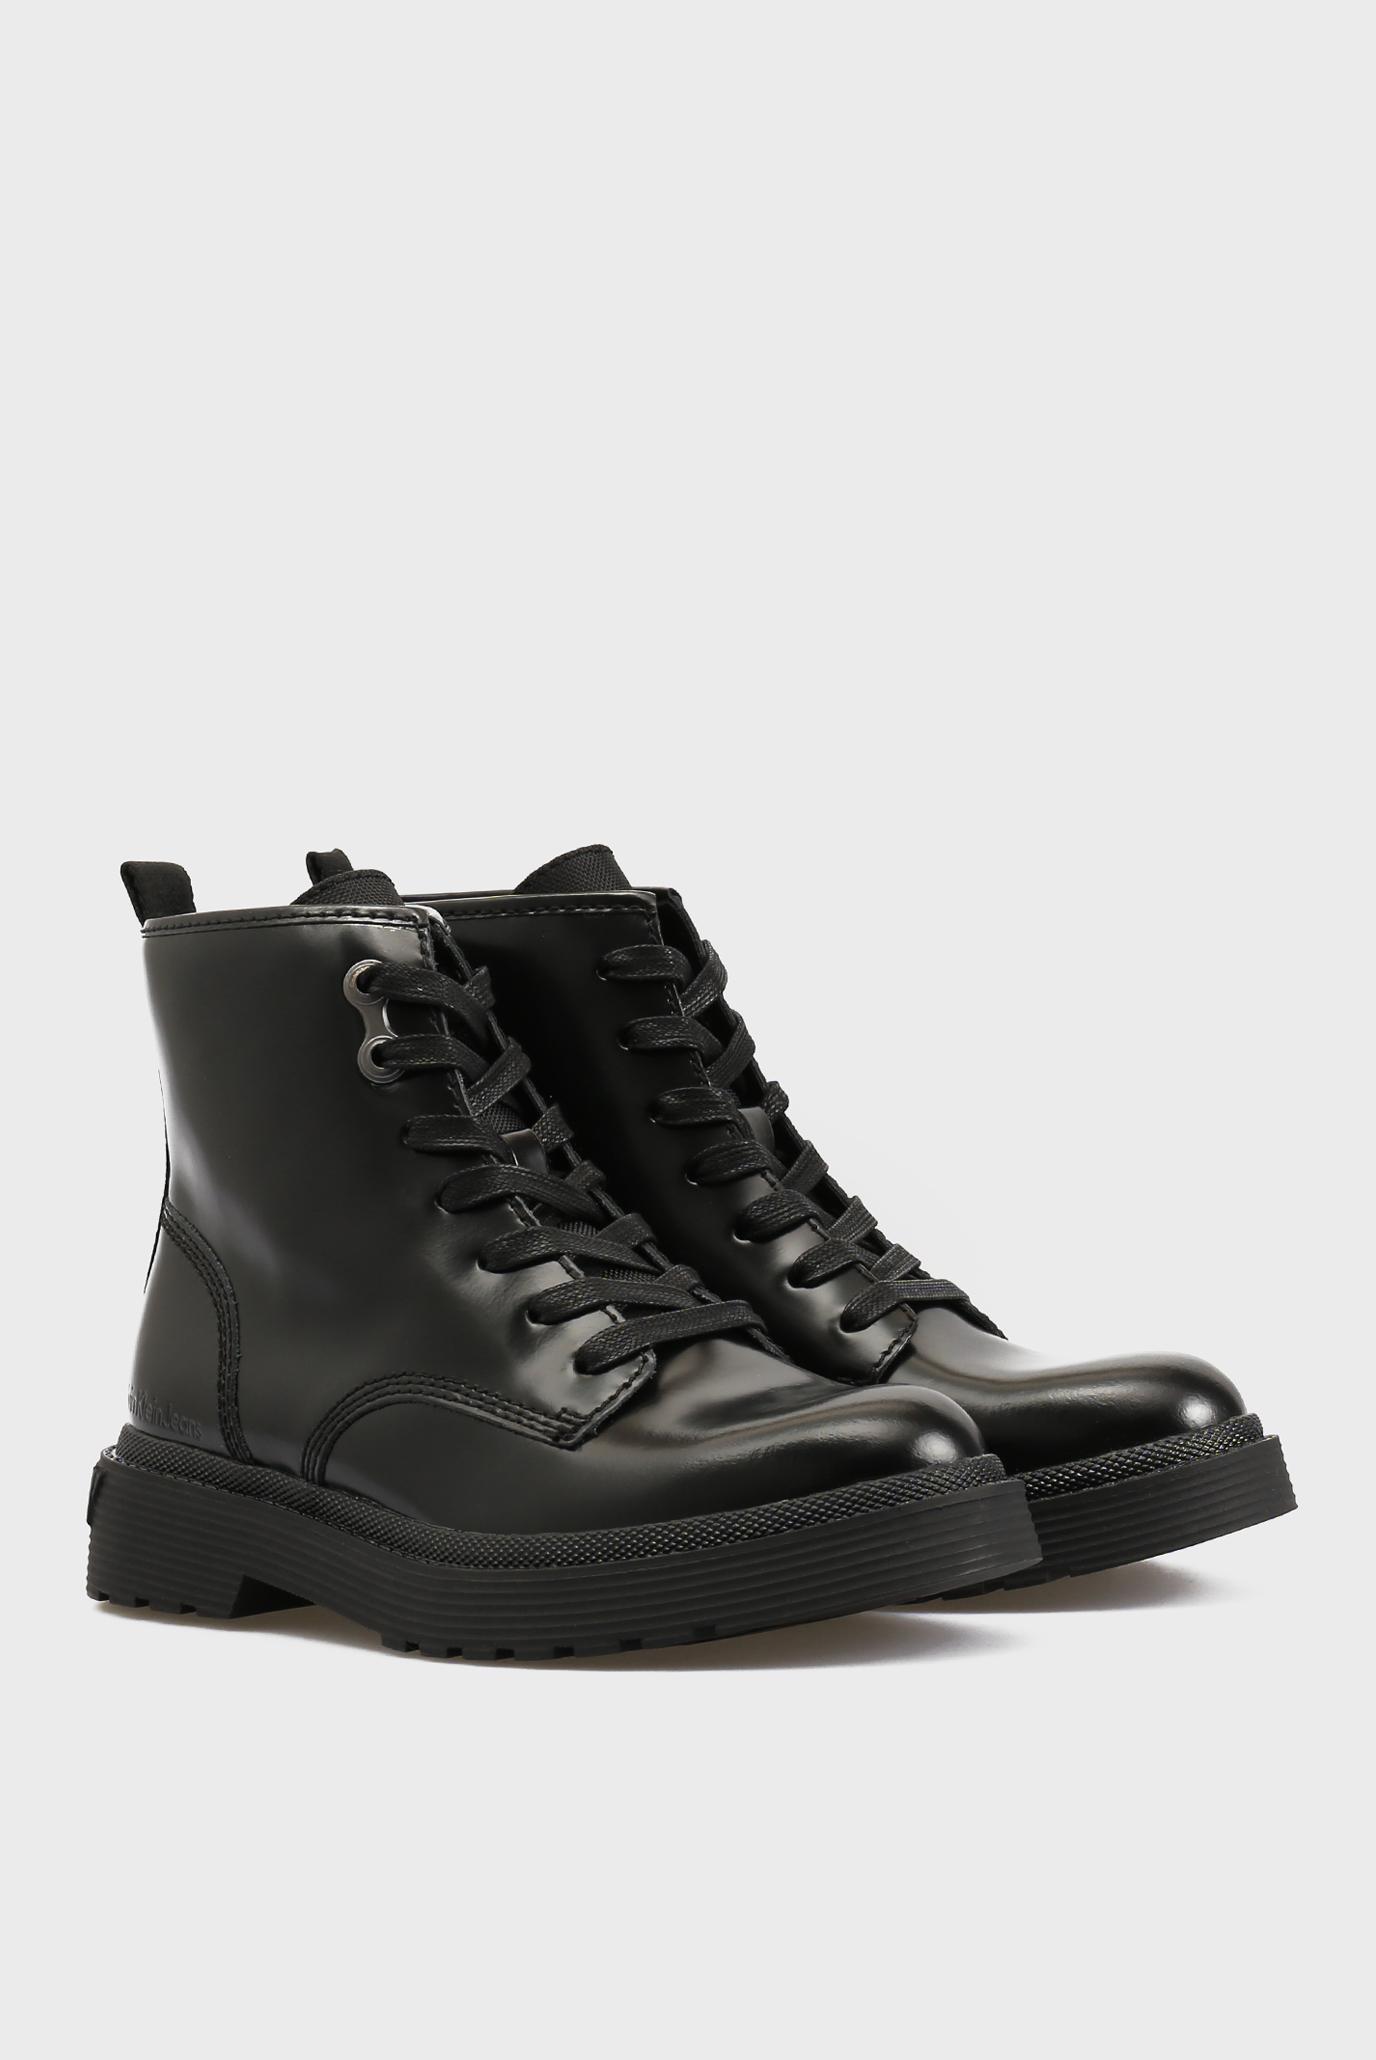 Купить Женские черные кожаные ботинки Calvin Klein Calvin Klein R0551 – Киев, Украина. Цены в интернет магазине MD Fashion